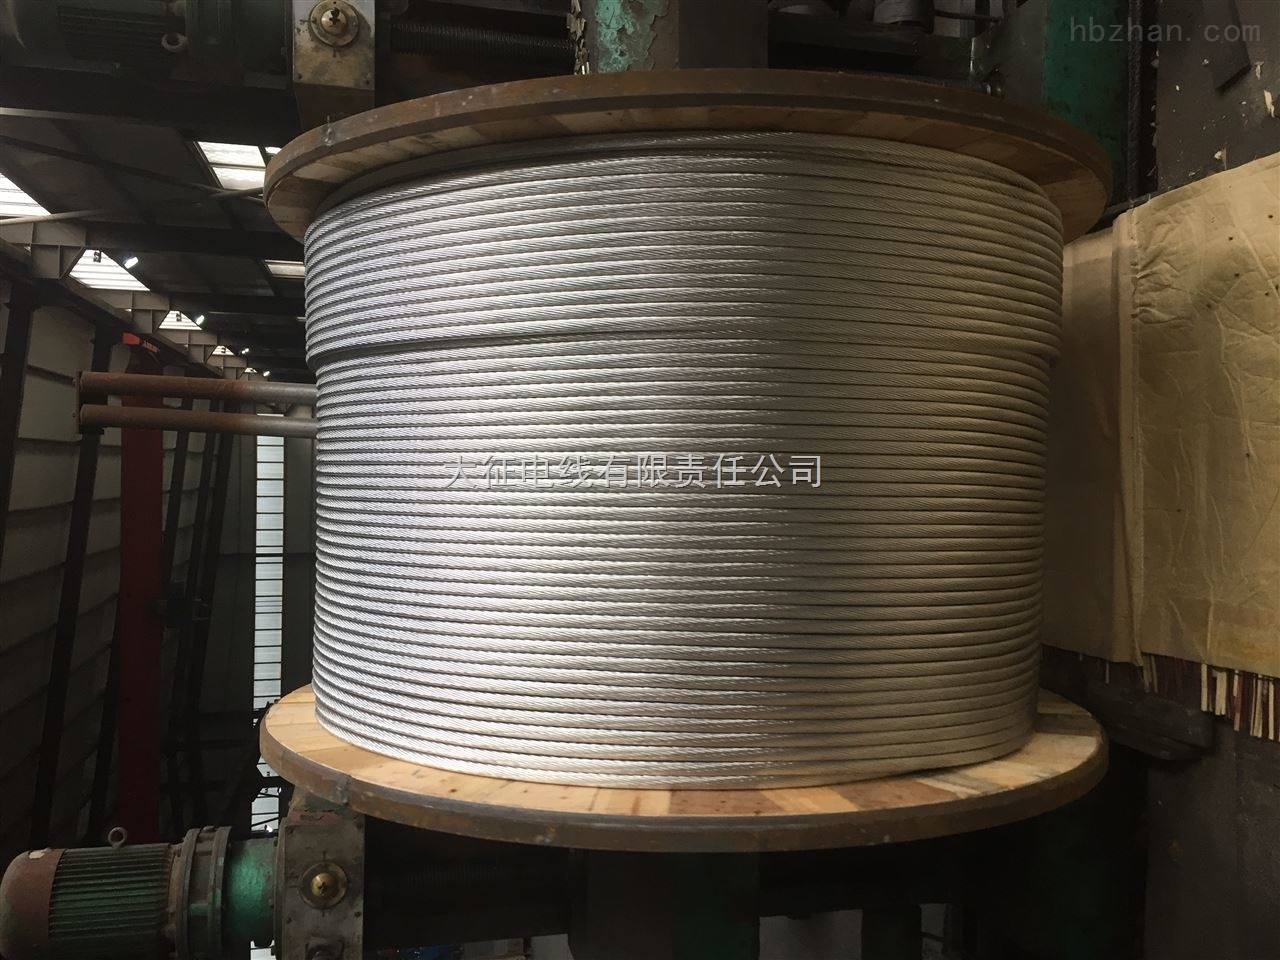 驻马店JL/G1A300/40钢芯铝绞线厂家